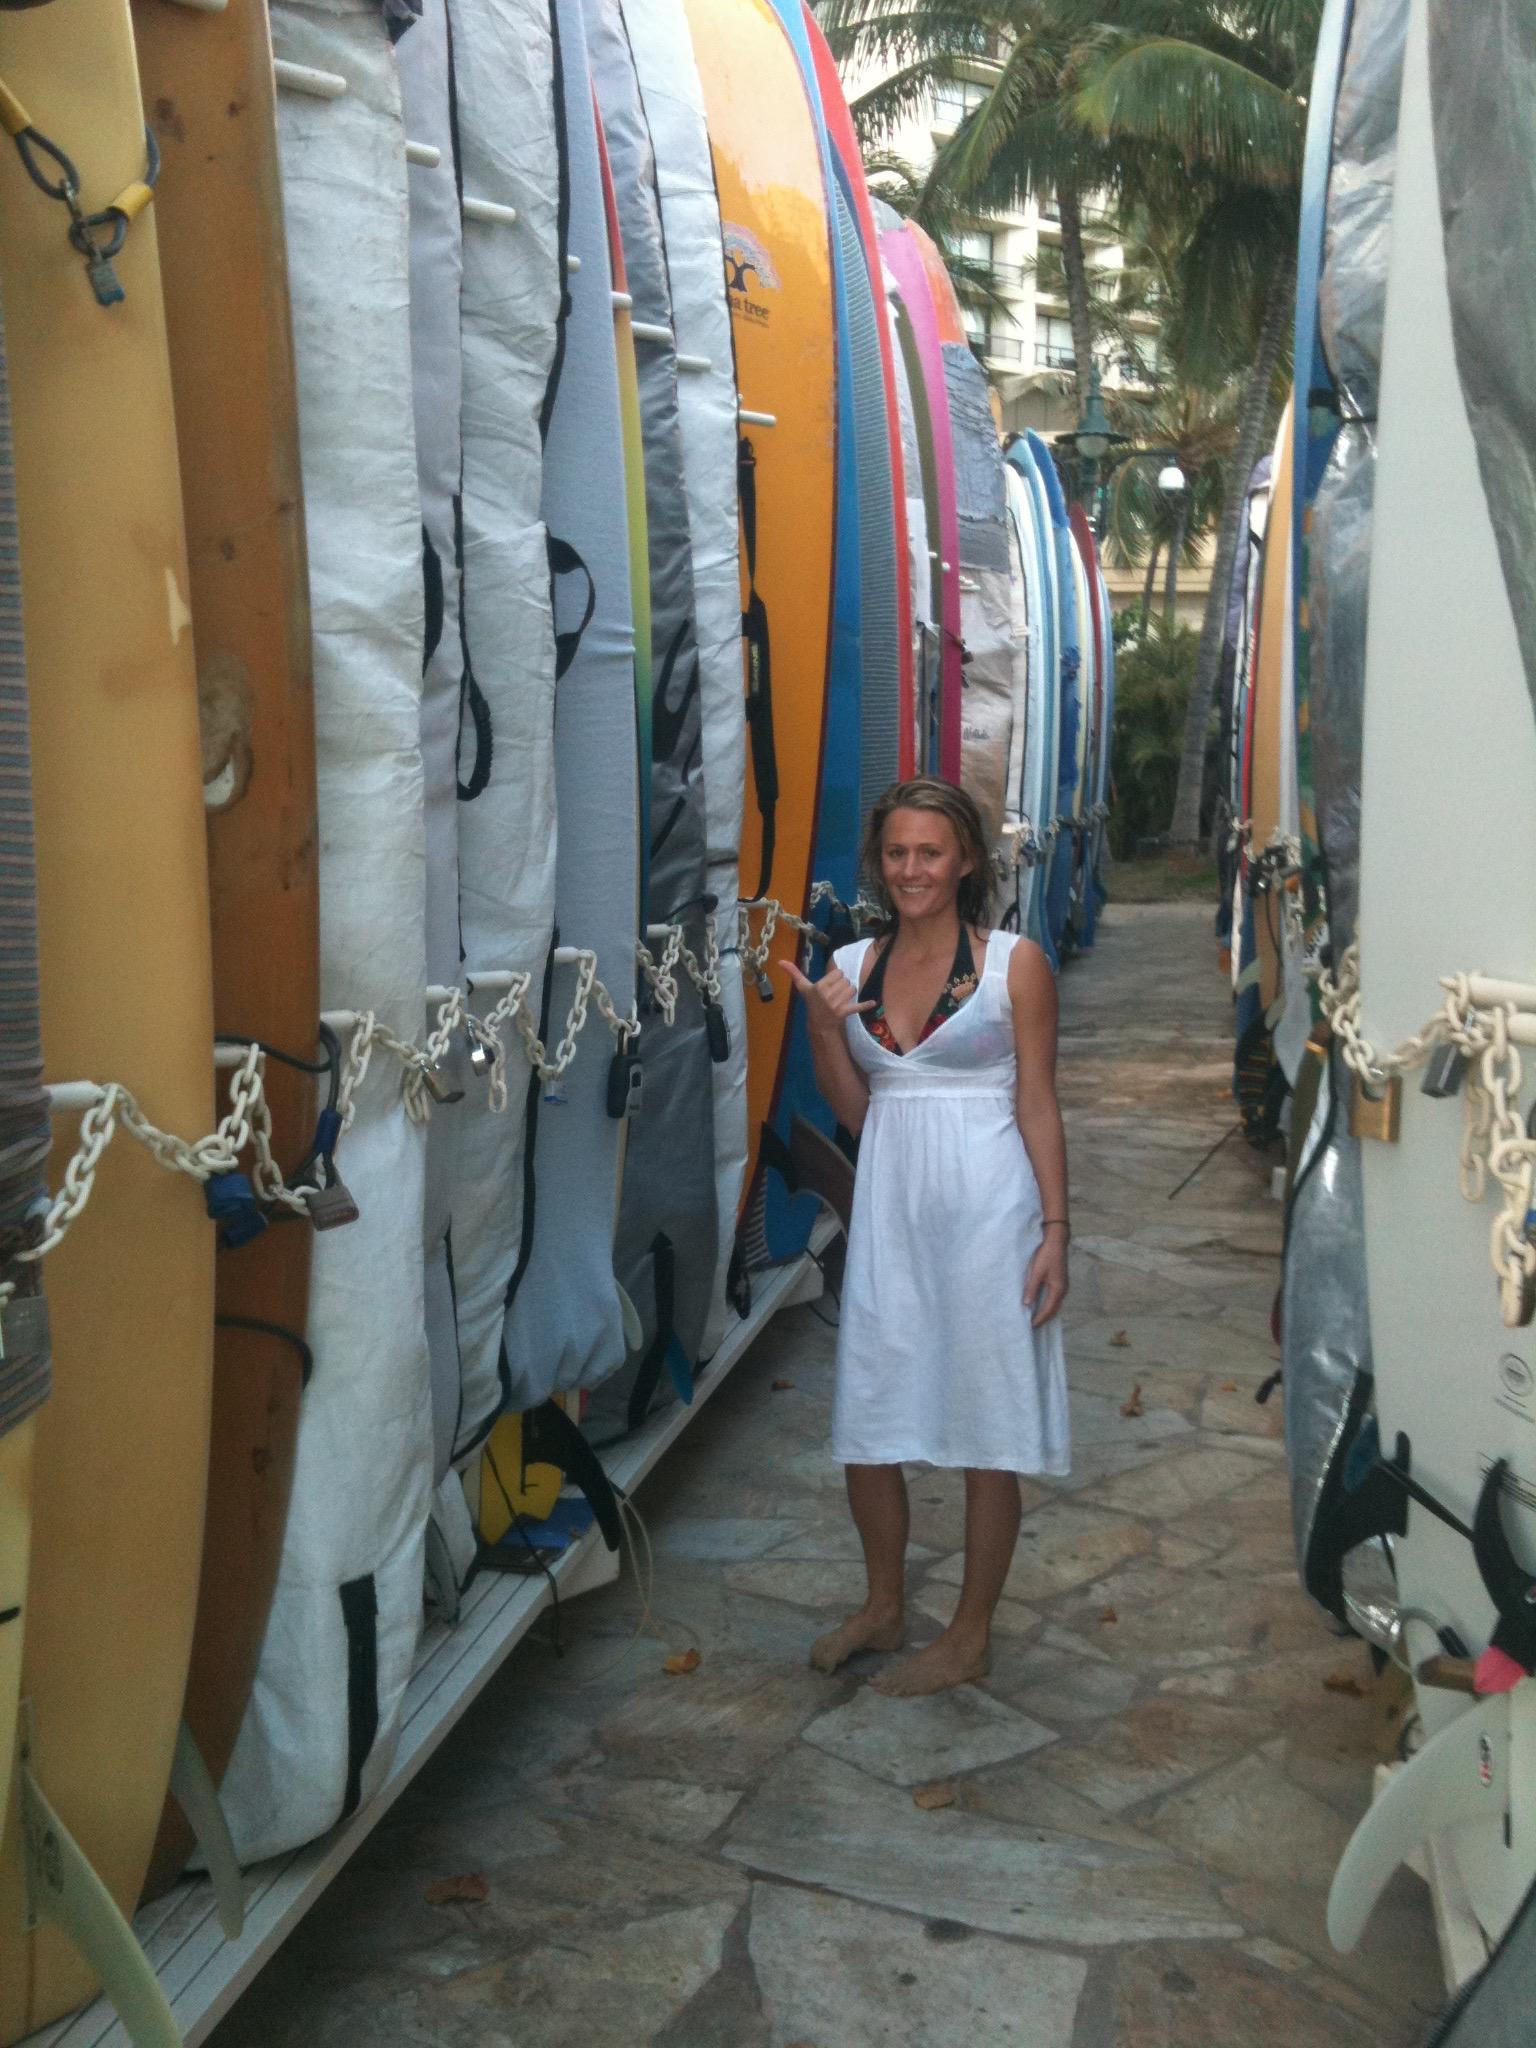 Hanging ten in Waikiki, HI